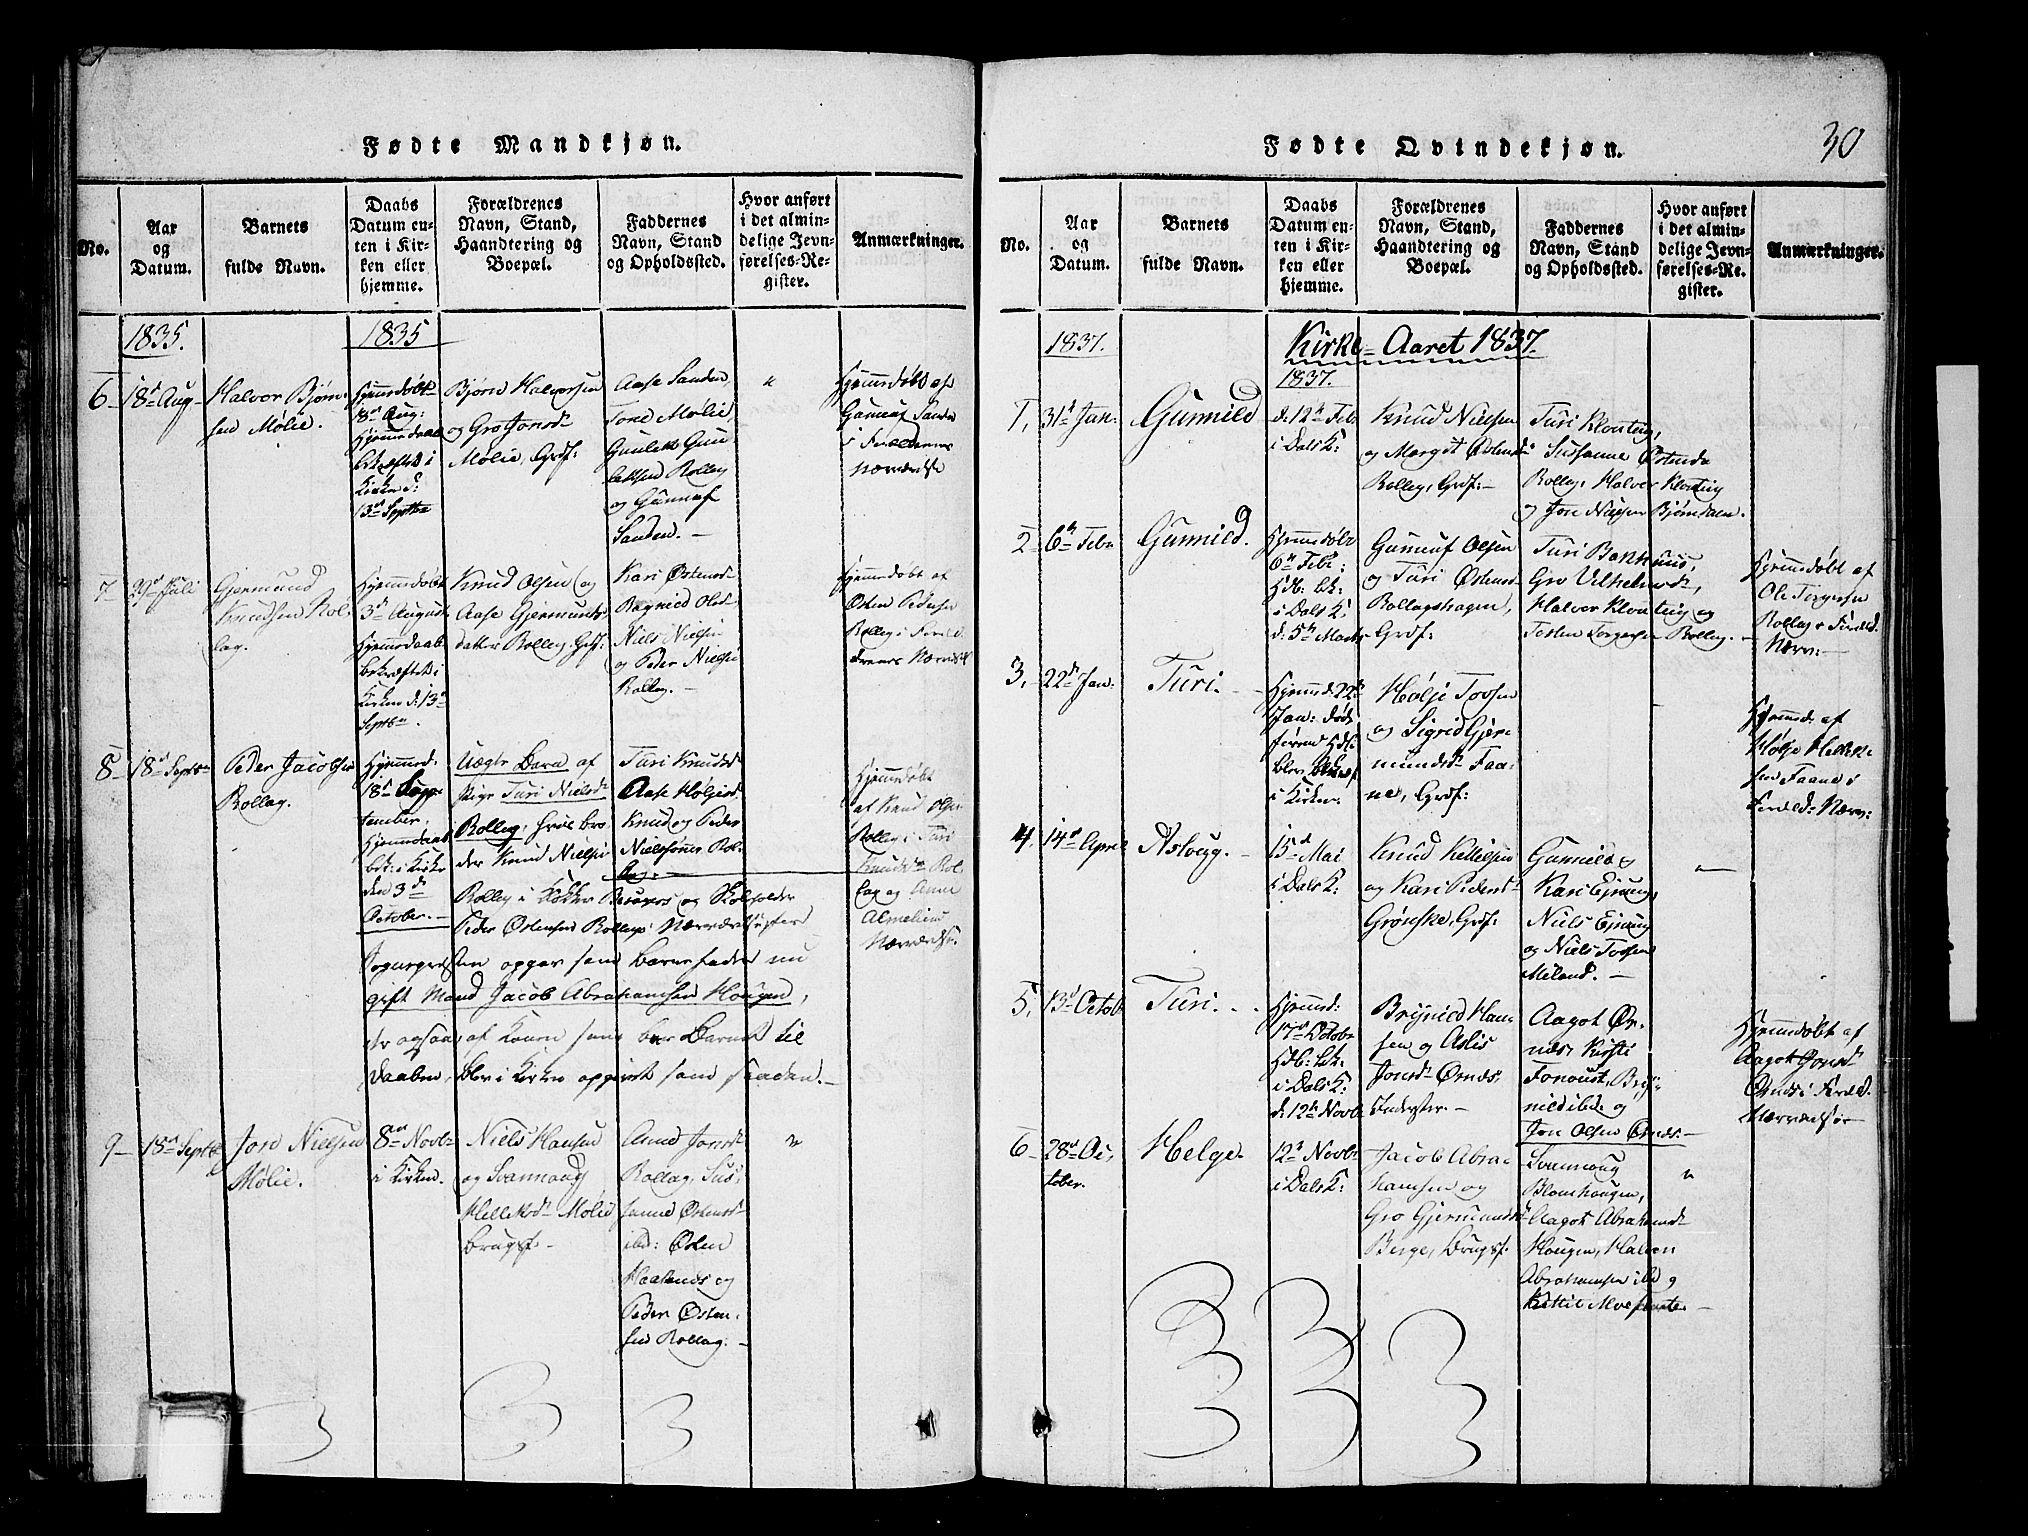 SAKO, Tinn kirkebøker, G/Gb/L0001: Klokkerbok nr. II 1 /1, 1815-1850, s. 30